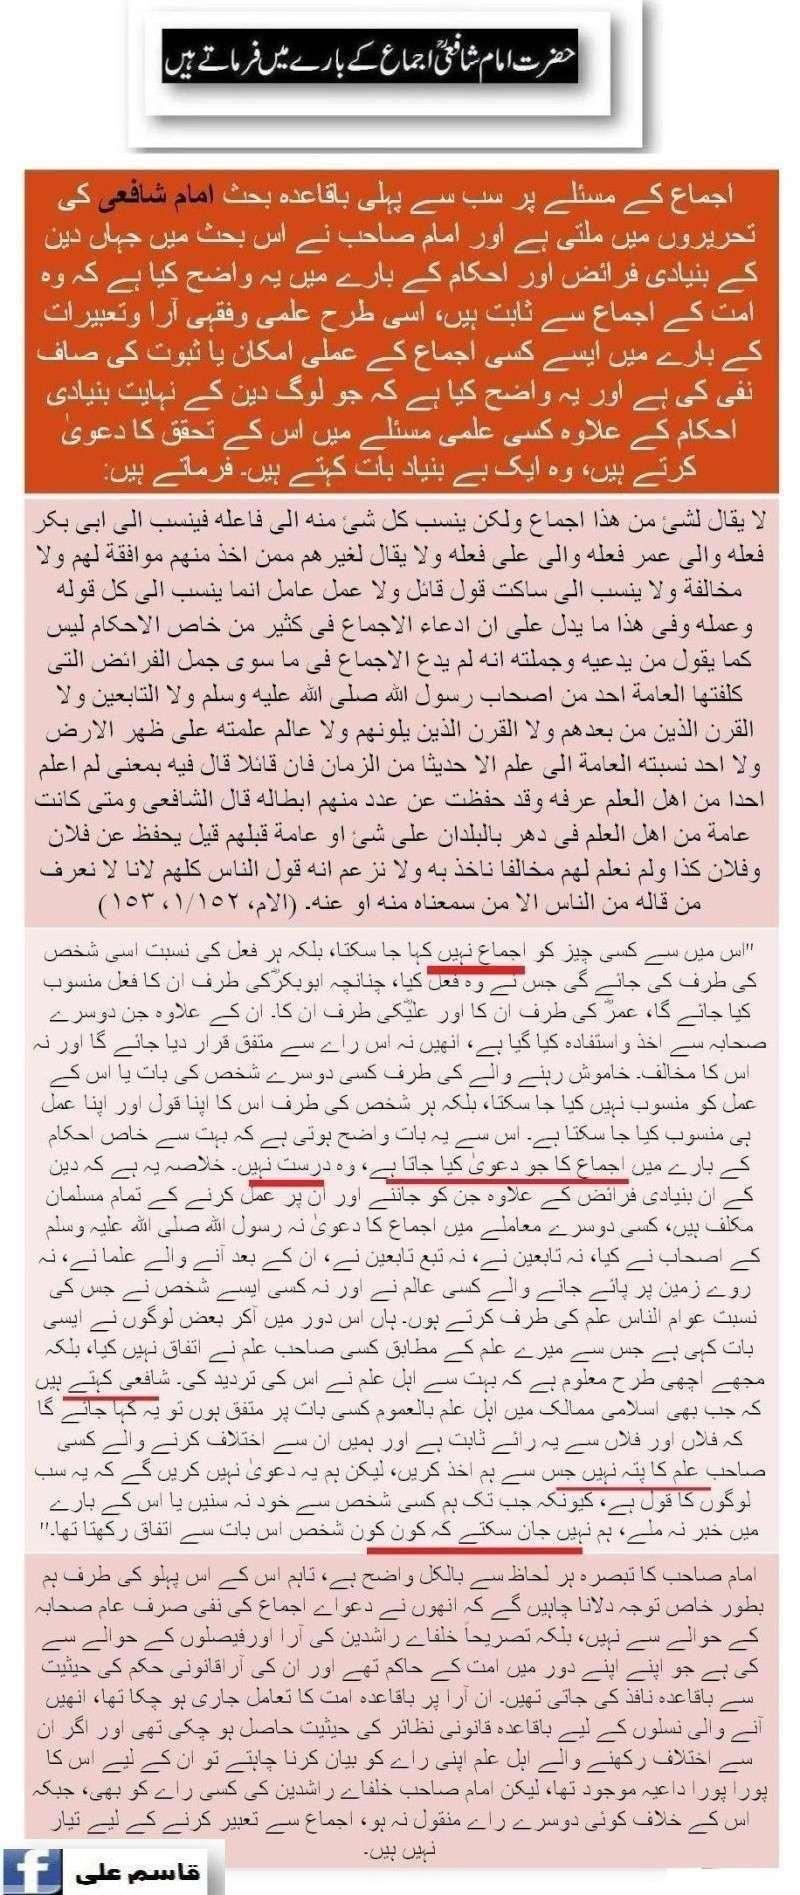 دیت کی جعلی فتوی فیکٹری پر منہاج القرآن کی فتح کا جھنڈا - Page 2 Qasim_28